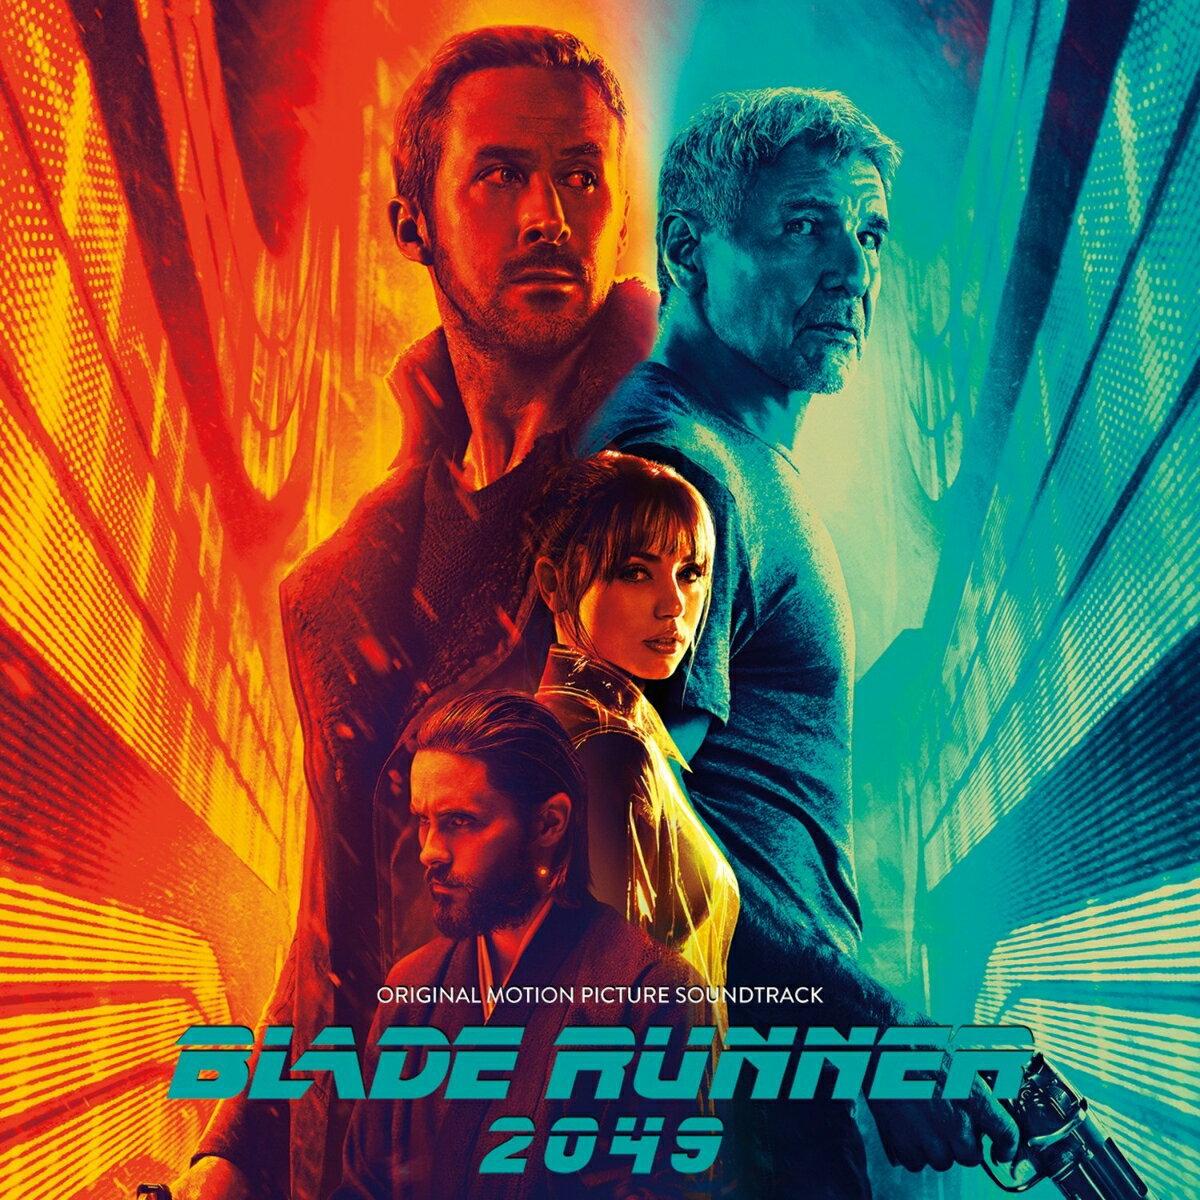 サウンドトラック, その他 Blade Runner 2049 (Original Motion Picture Soundtrack)